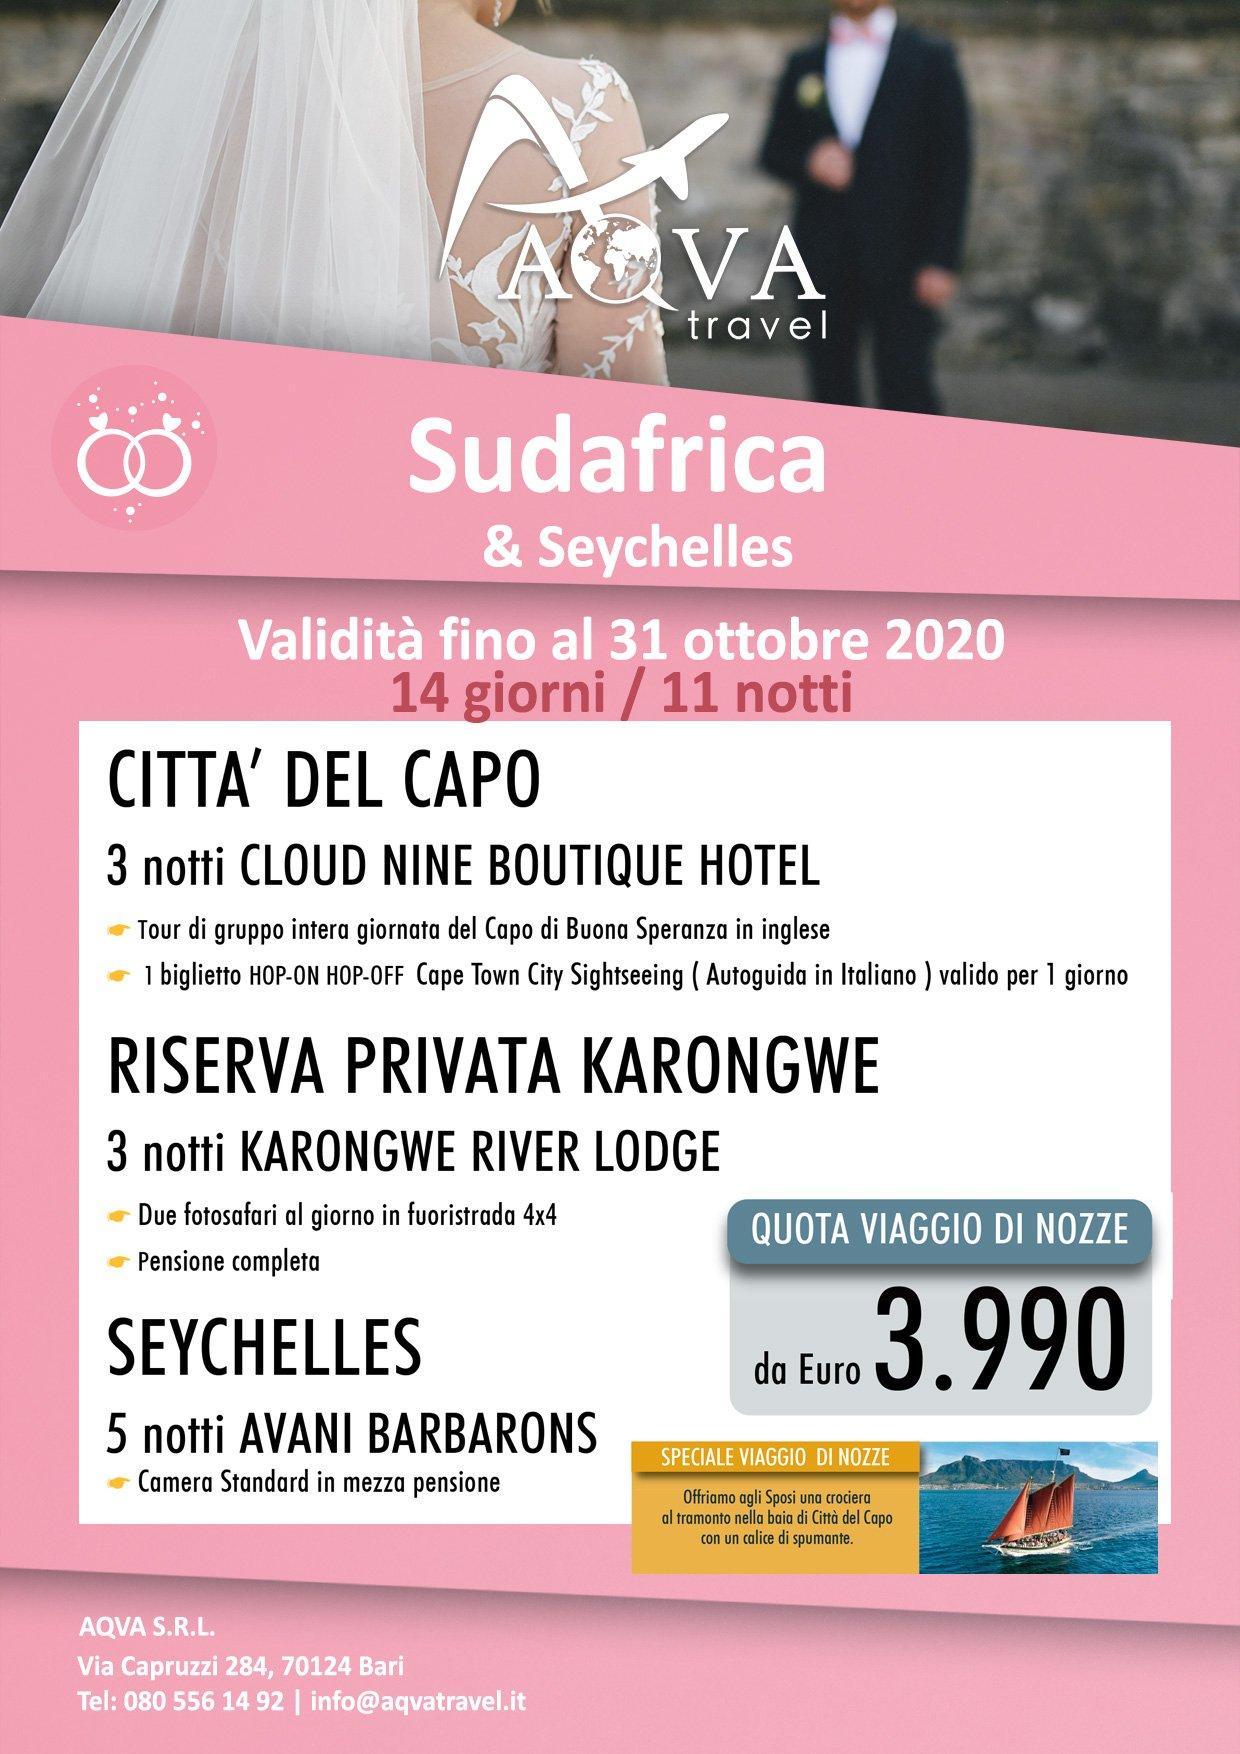 Sudafrica-&-Seychelles-VIAGGI-DI-NOZZE-offerte-agenzia-di-viaggi-AQVATRAVEL-it